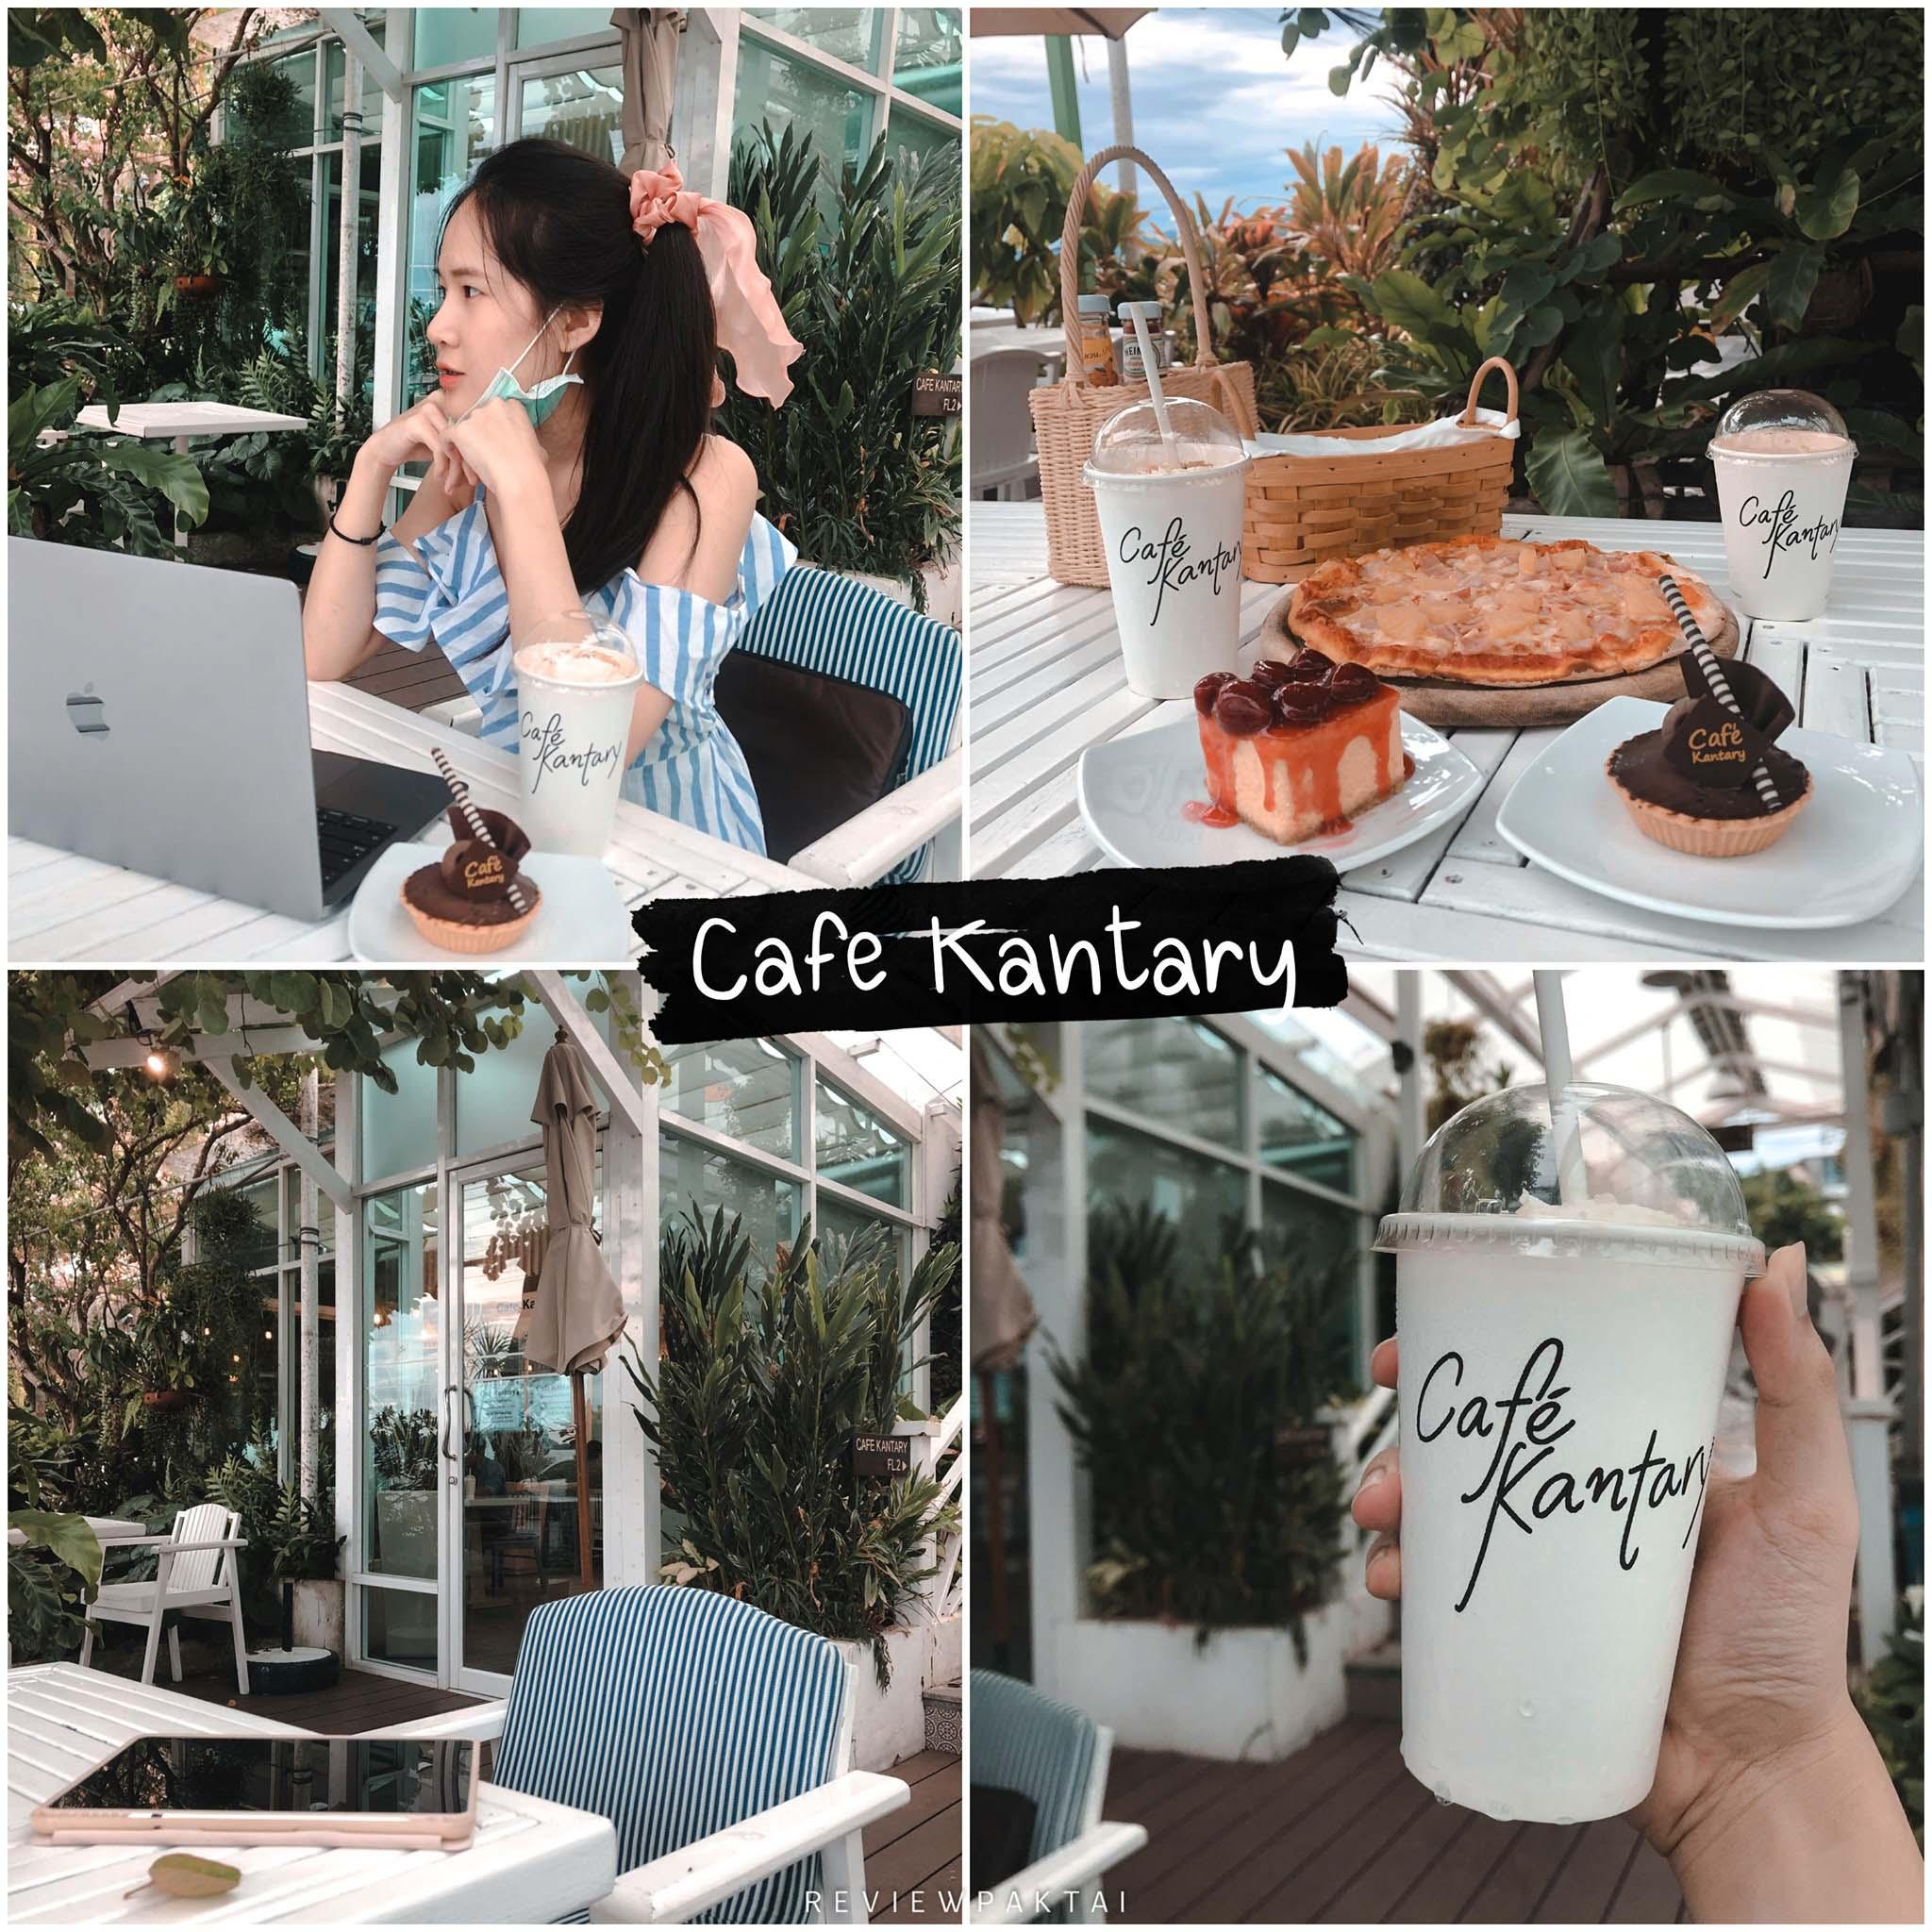 Cafe-kantary จุดเช็คอินภูเก็ต--เต็ม-10-ไม่หักร้านมีมินิบาร์แบ่งเป็นโซนๆ-เหมาะกับสายคาเฟ่สุดชิลลลล์-ราคาหลักร้อยวิวหลักร้อยล้าน  ภูเก็ต,คาเฟ่,ที่เที่ยว,ร้านกาแฟ,เด็ด,อร่อย,ต้องลอง